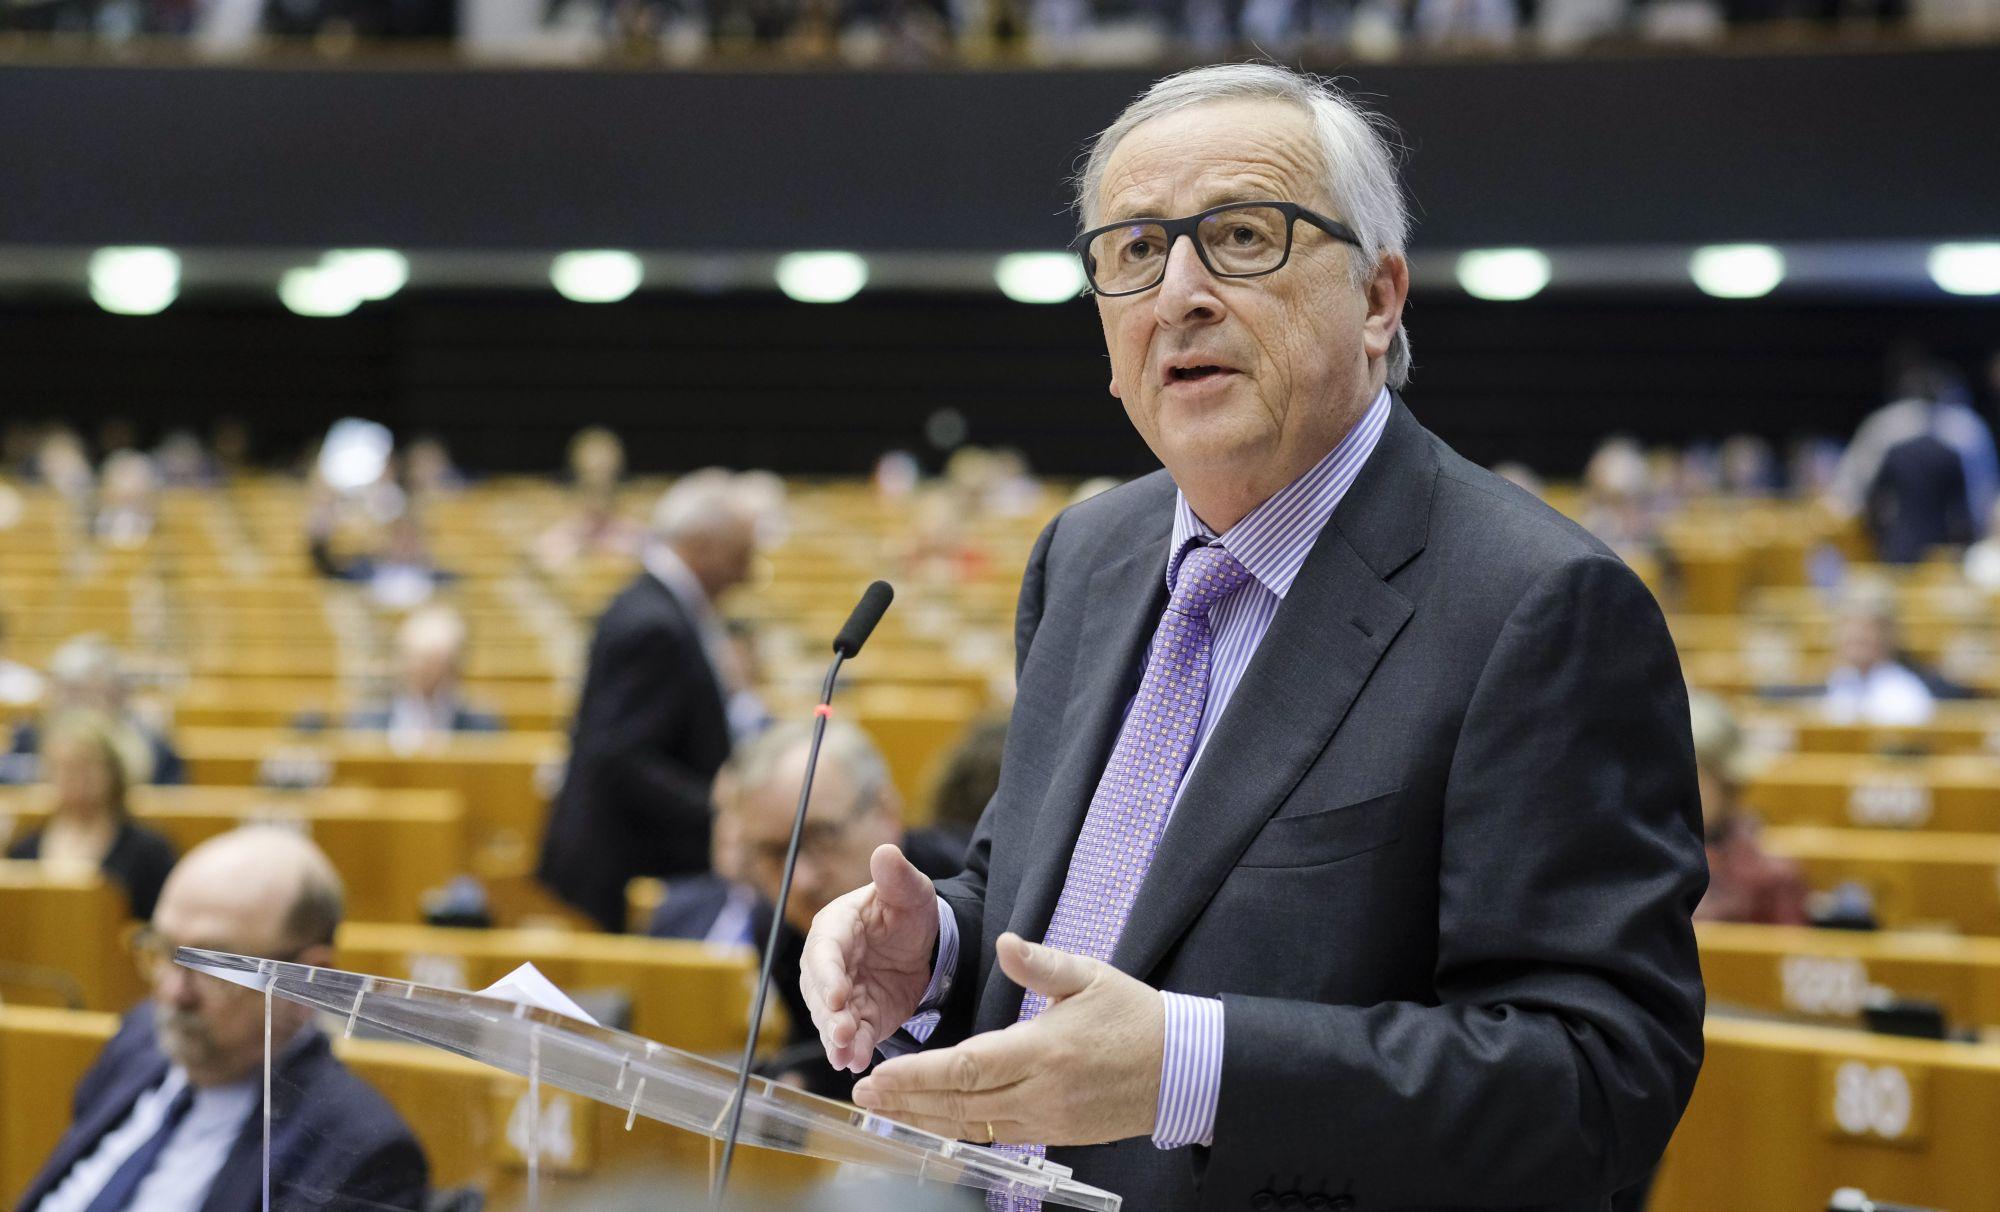 Jean-Claude Juncker, az Európai Bizottság elnöke beszél az Európai Parlament plenáris ülésén az uniós költségvetési tervezet bemutatása elõtt Brüsszelben 2018. május 2-án. (MTI/EPA/Olivier Hoslet)